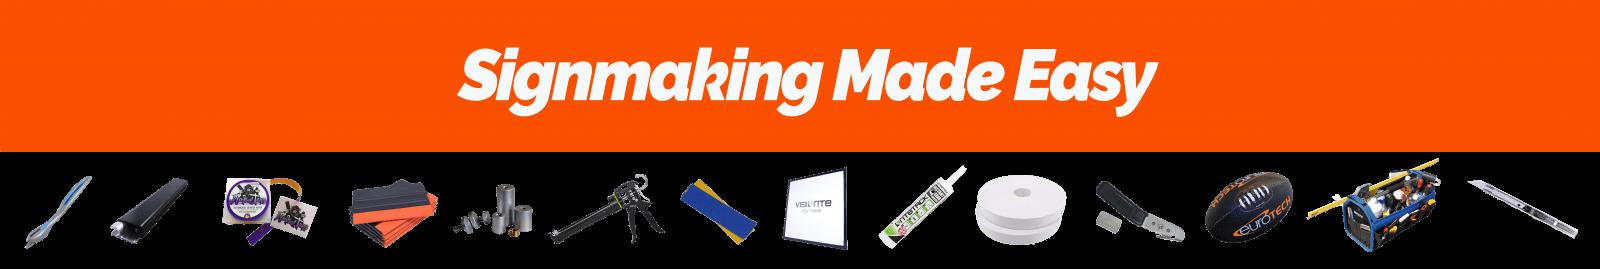 signmaking-made-easy-australiabanner